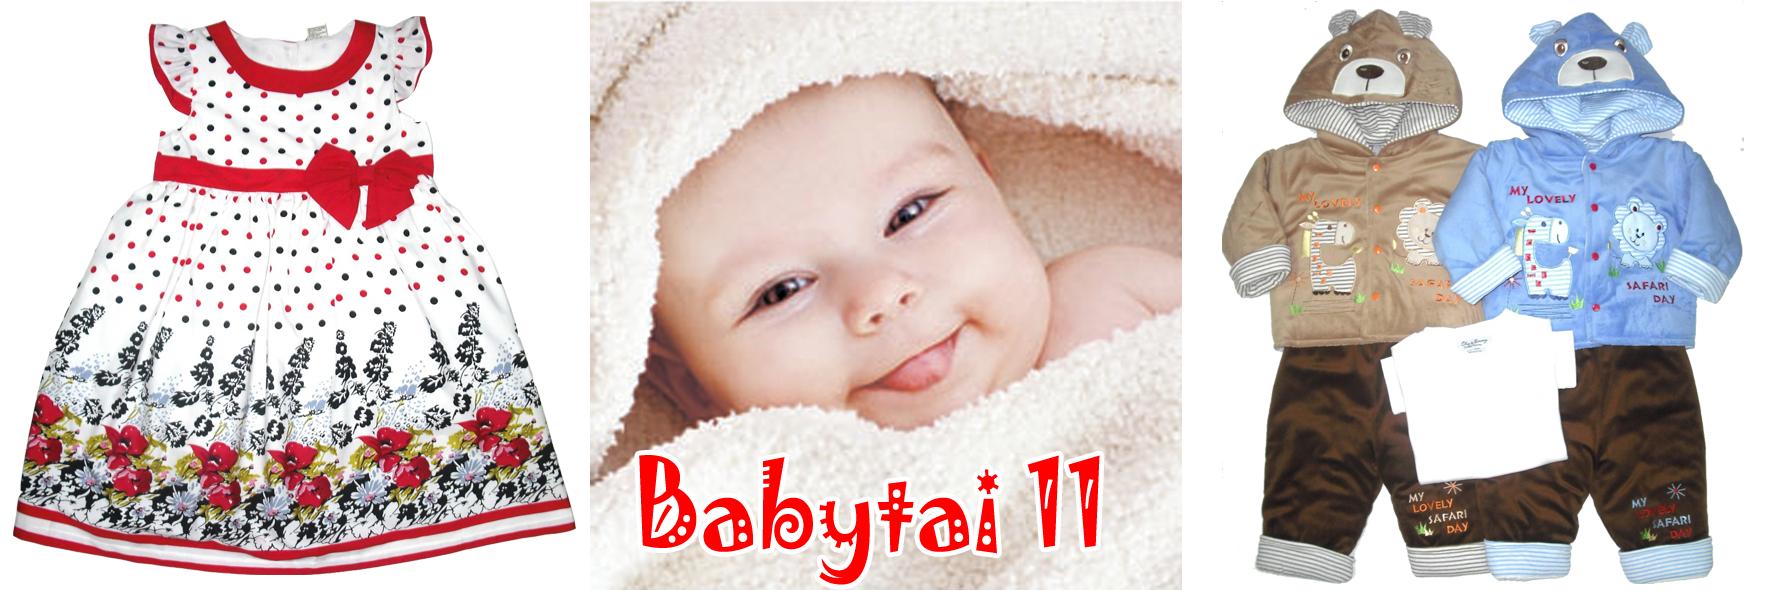 Сбор заказов. Babytai - большой выбор детской одежды от 0 и старше. Утепленные костюмы для малышей на прохладное лето и теплую осень. Распродажа: все по 200, 300, 400 рублей. Выкуп 11